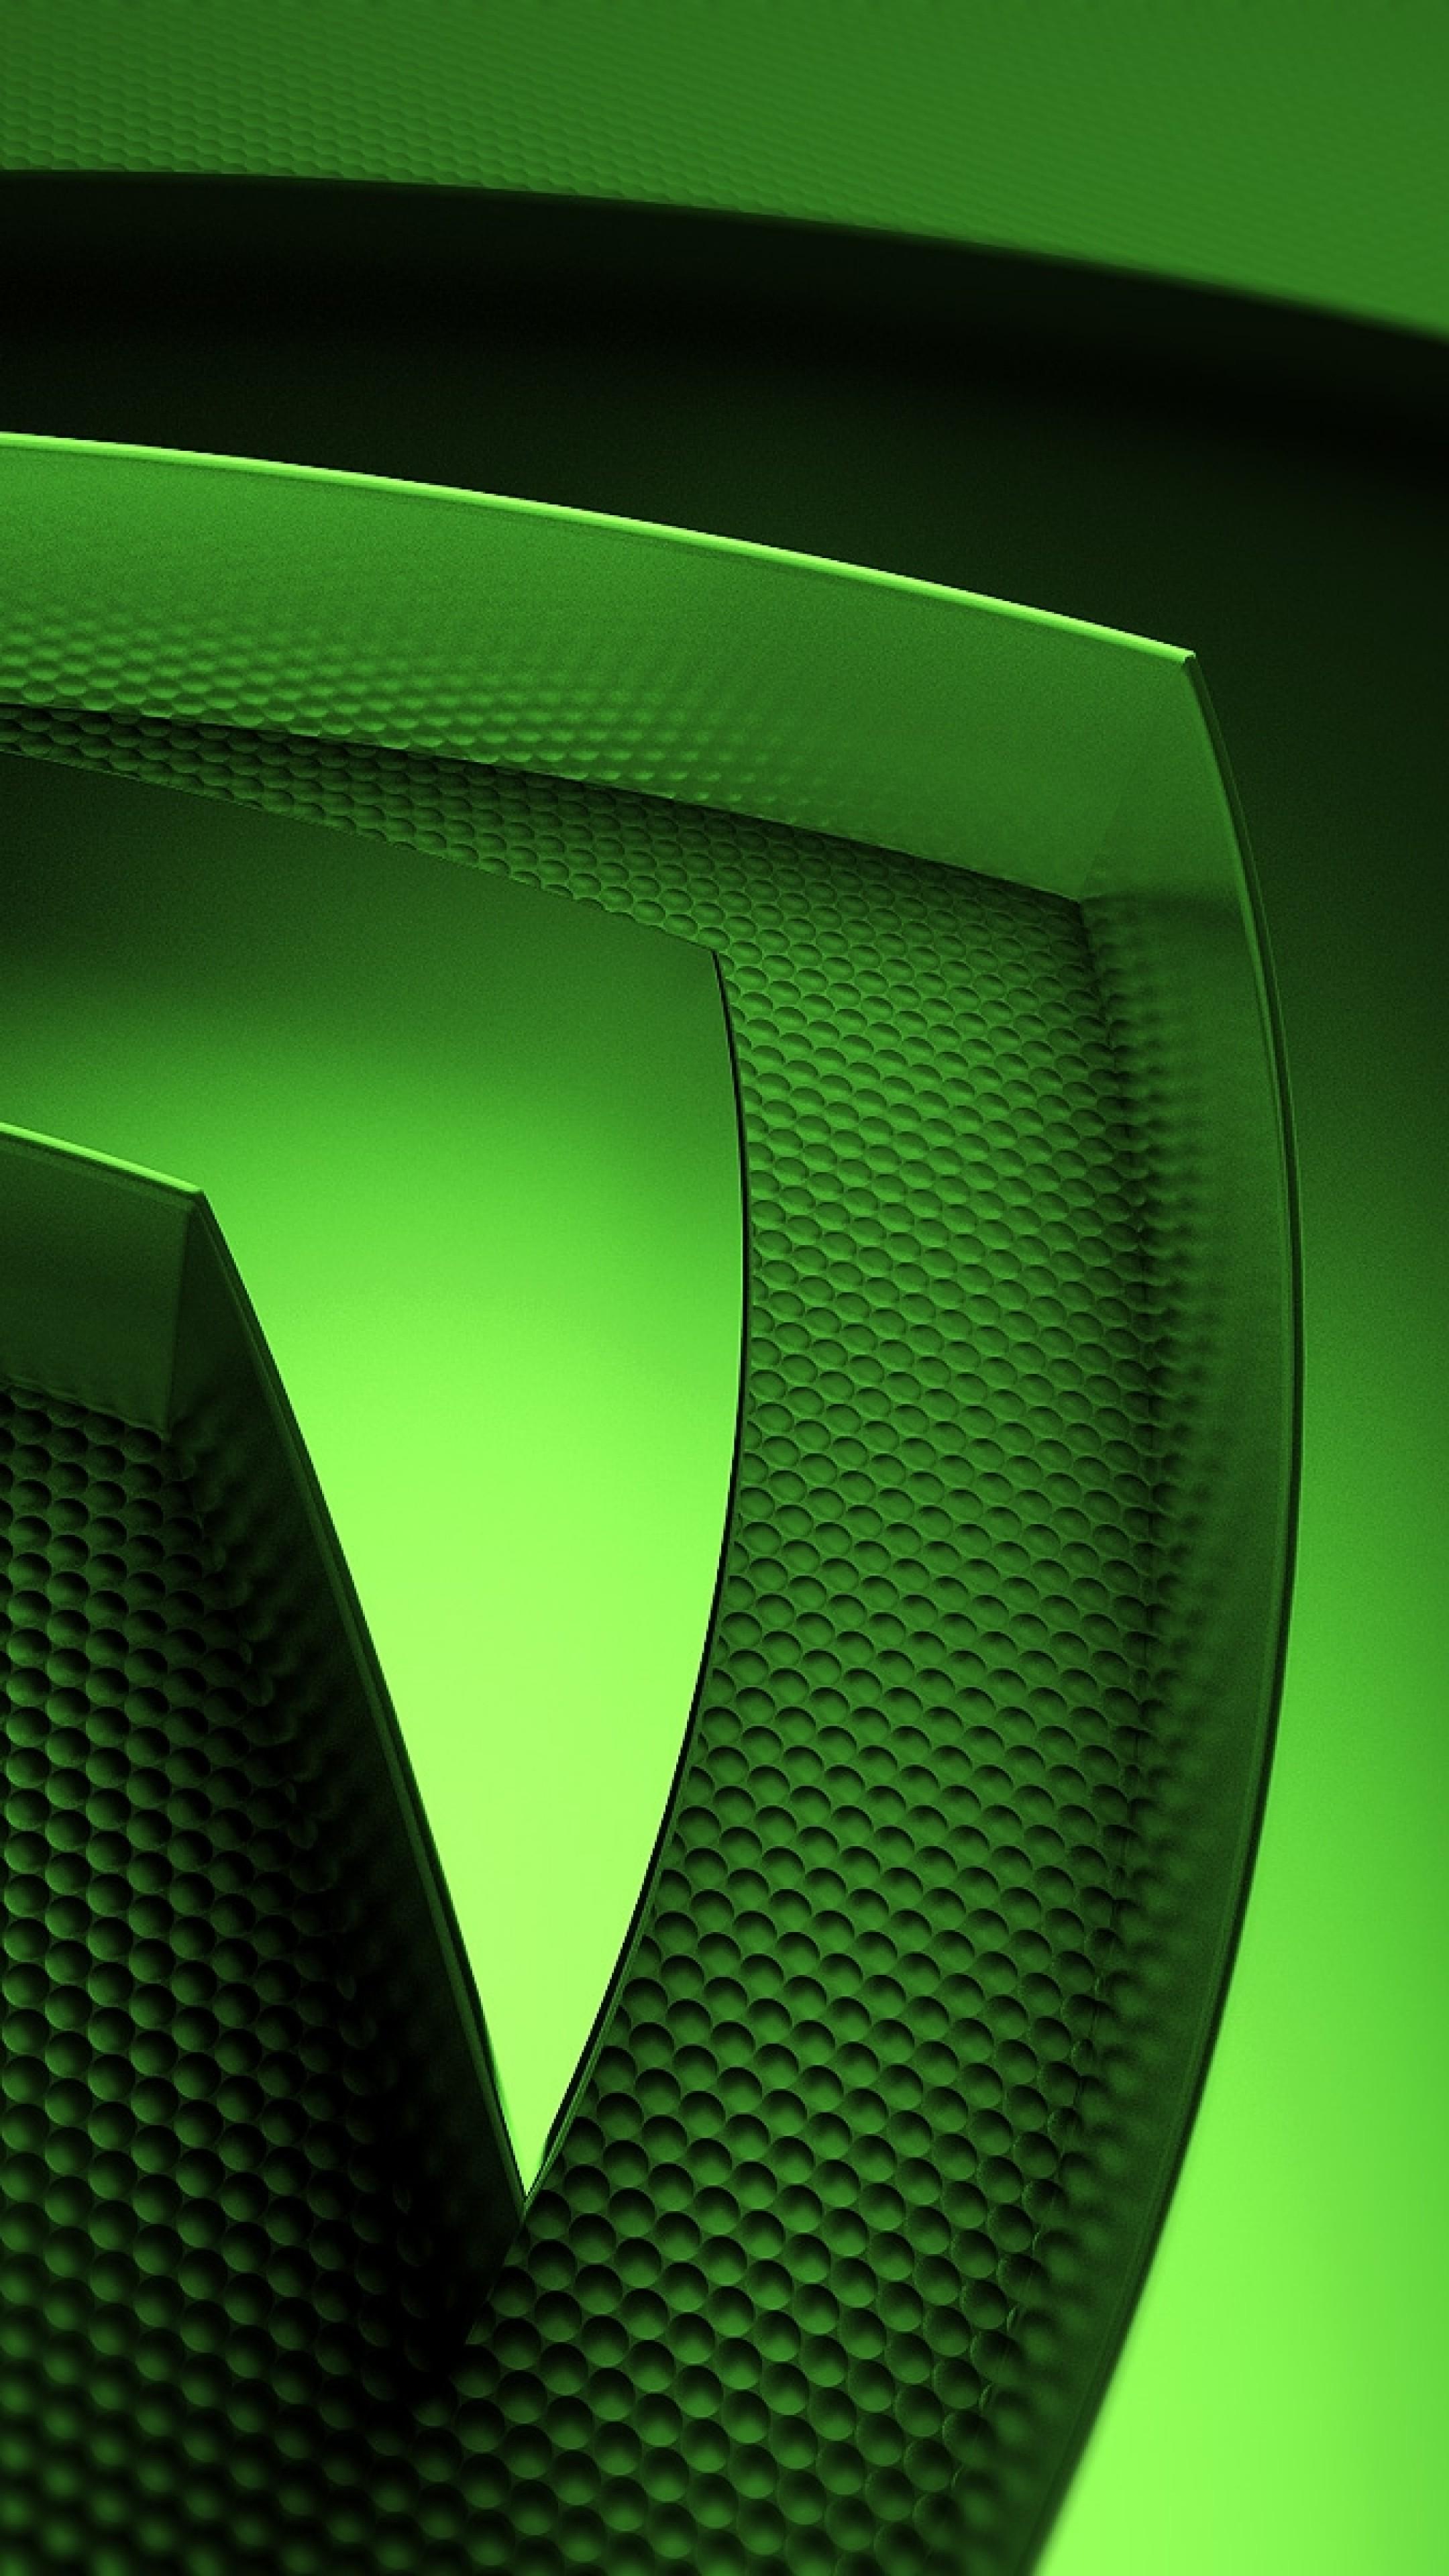 Wallpaper nvidia, green, symbol